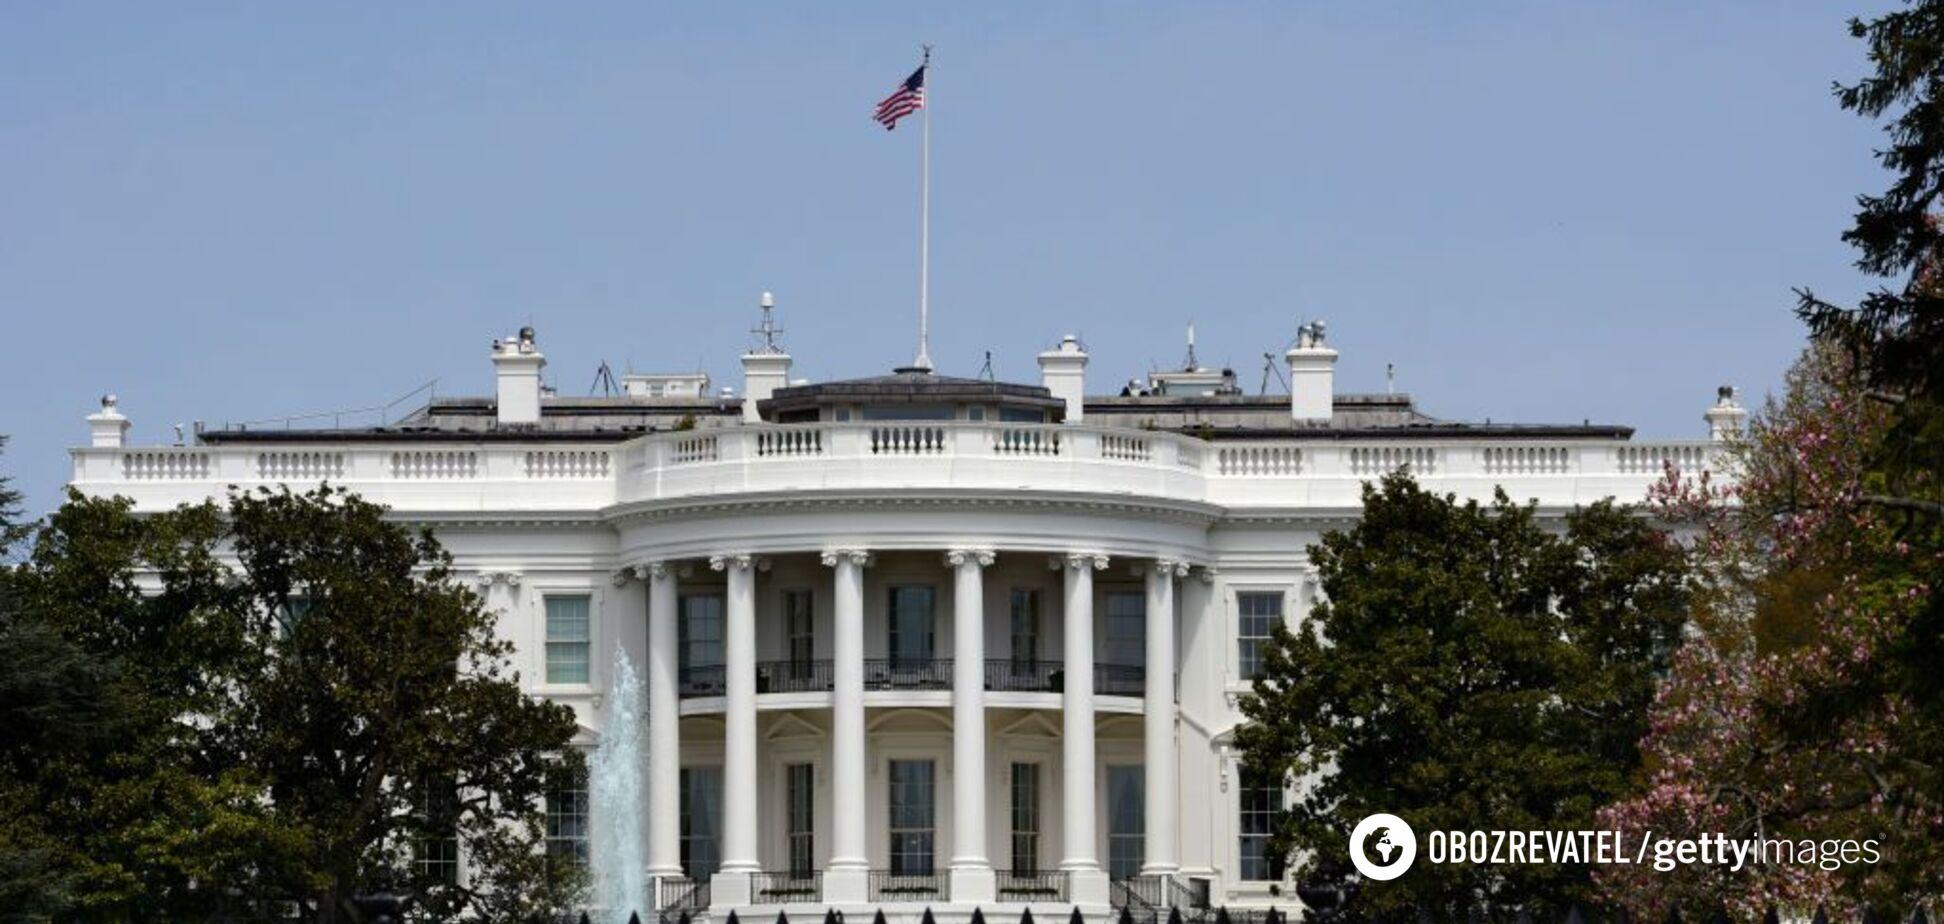 Підуть наперекір Трампу? ЗМІ повідомили про раптовий подарунок США для України